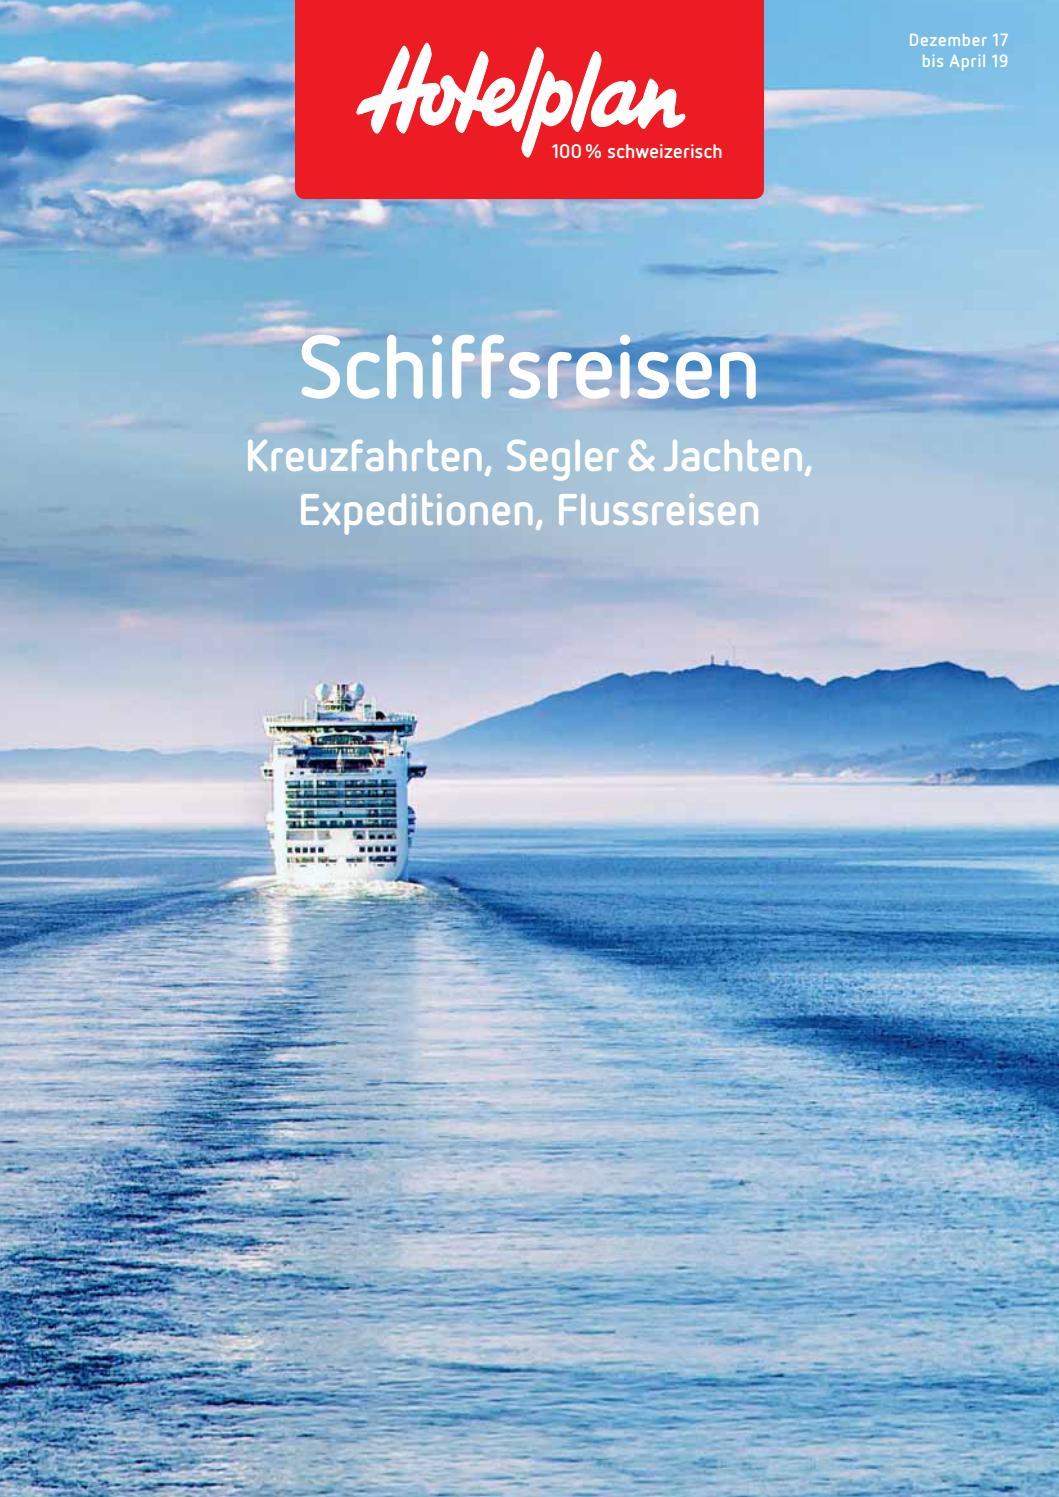 Hotelplan Schiffsreisen – von Dezember 2017 bis April 2019 by ...